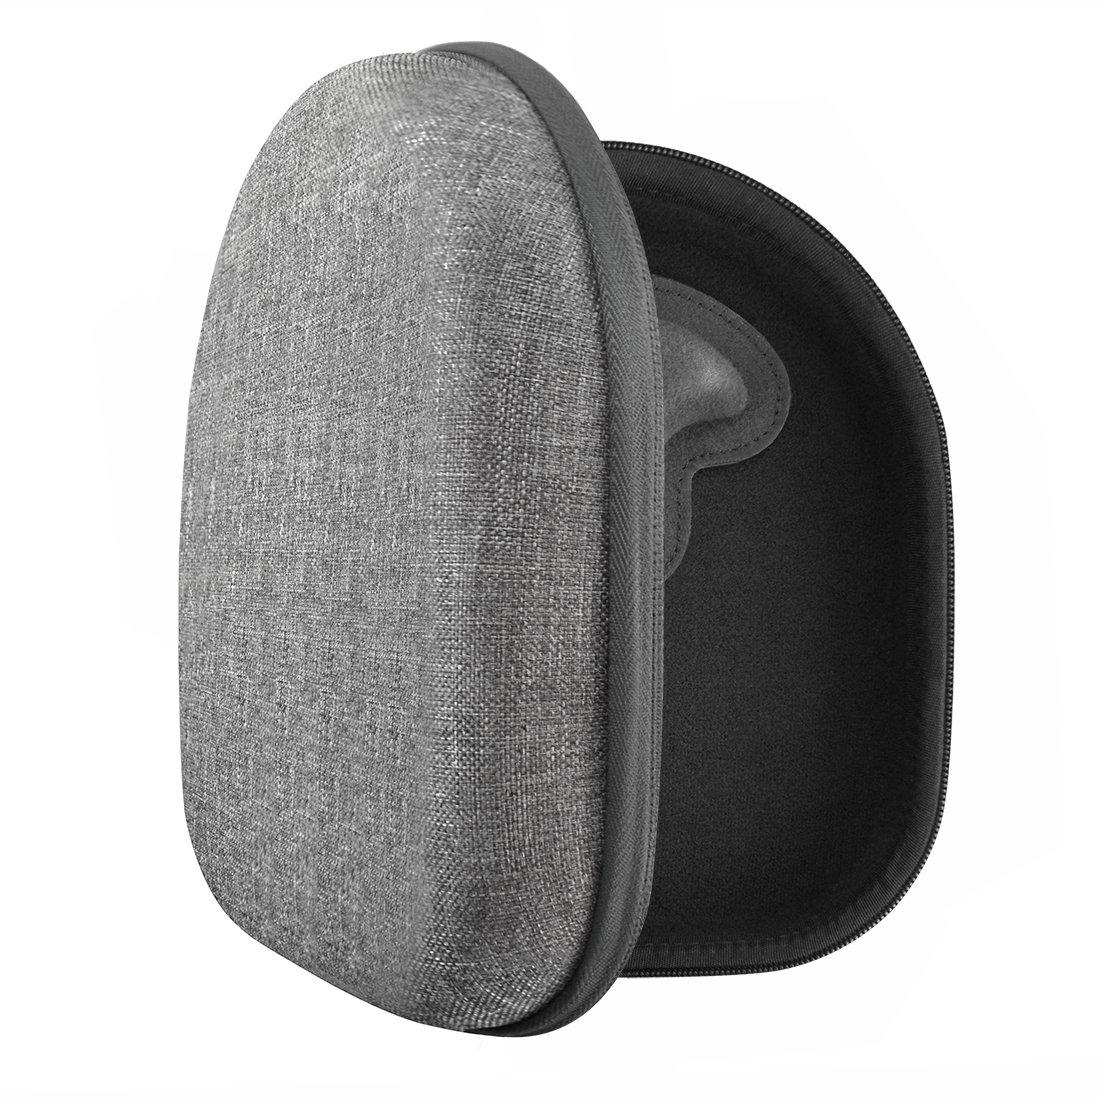 Carcasa Funda de Auriculares para Sony MDR xb950bt: Amazon.es: Electrónica